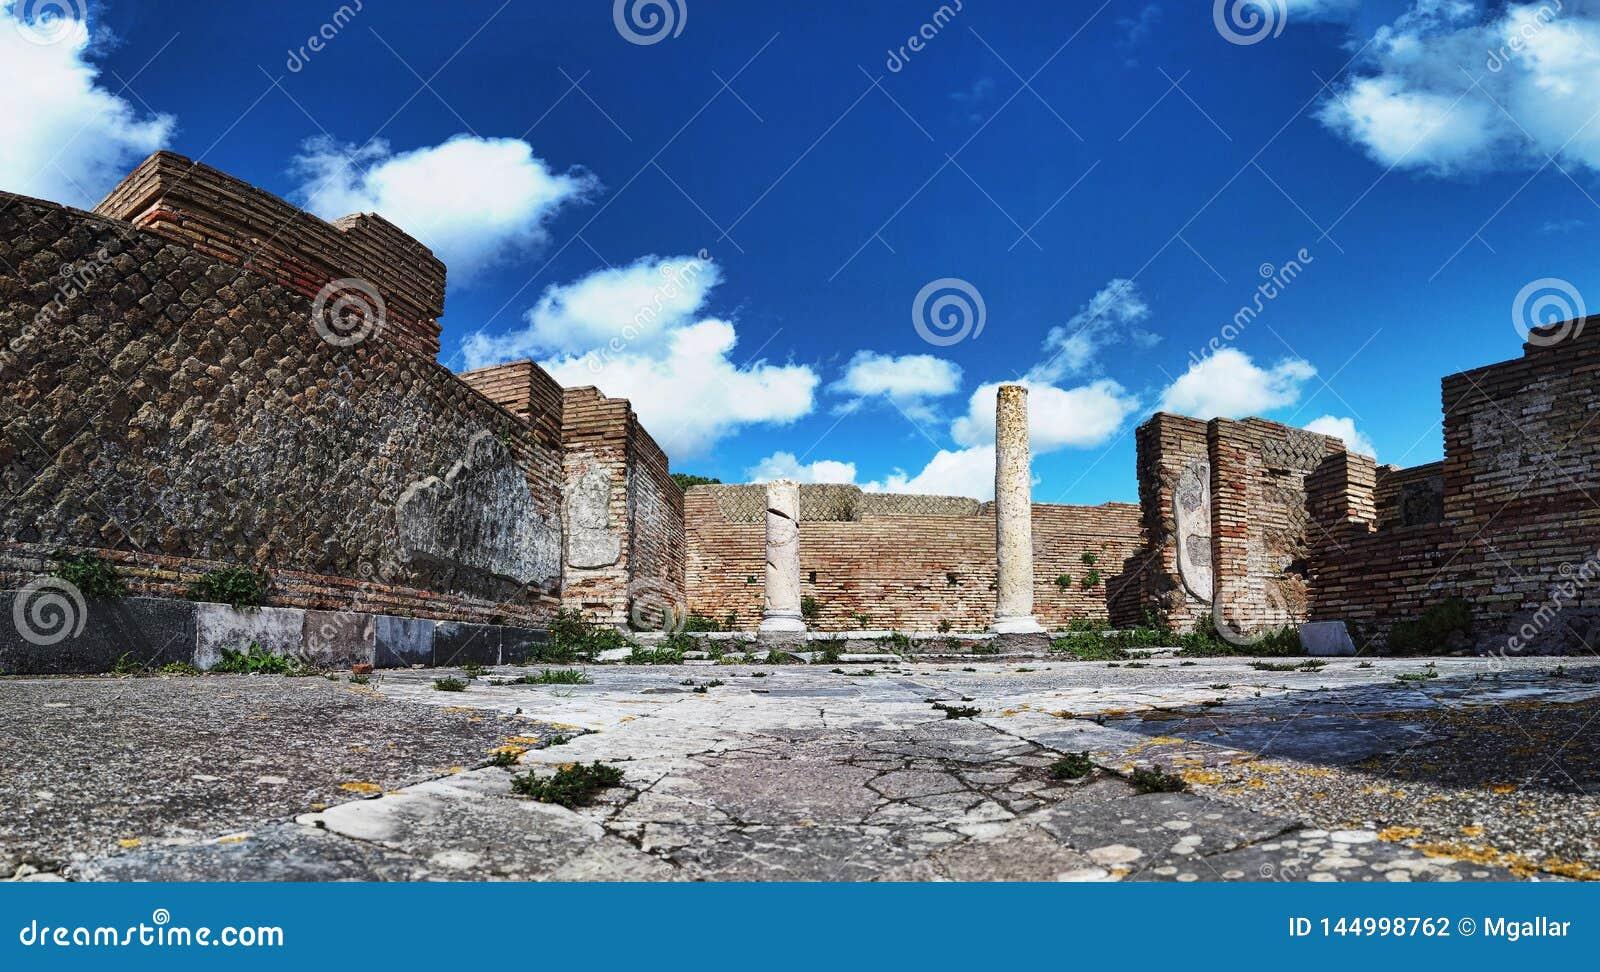 Panorama przy archeologicznymi ekskawacjami Ostia Antica piÄ™kna architektura z kolumnami i resztkami bruk